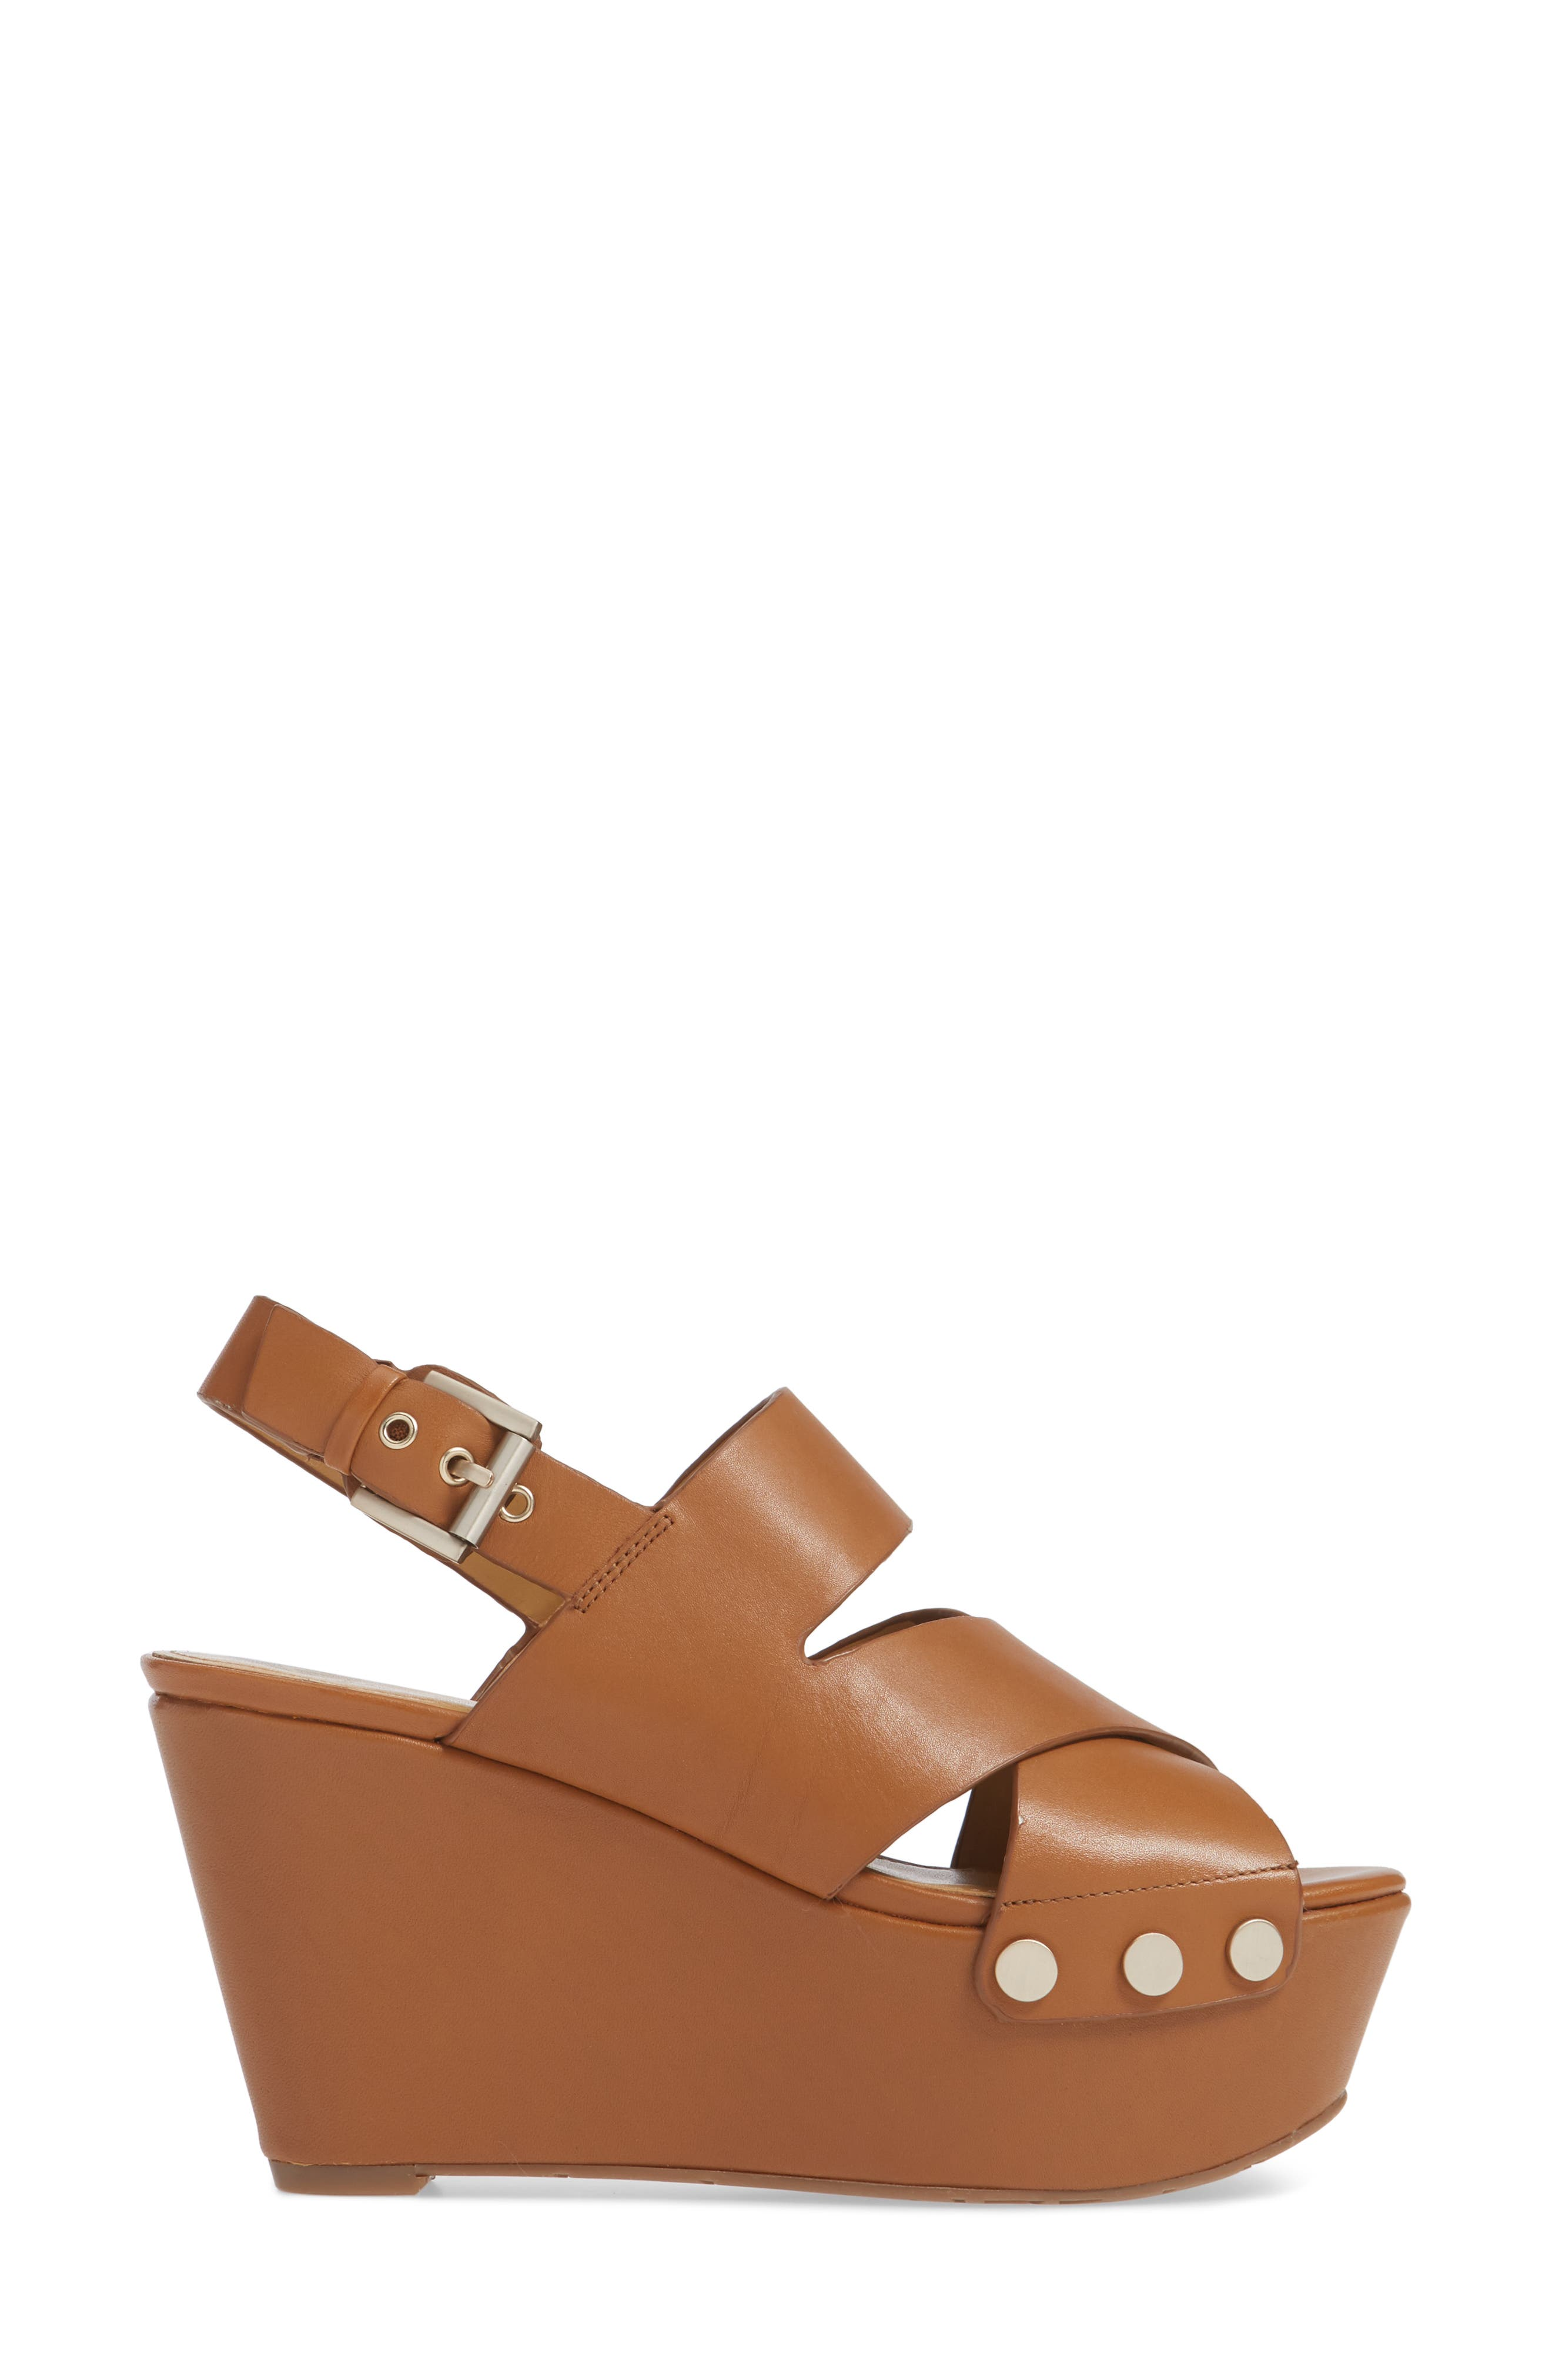 Bianka Platform Wedge Sandal,                             Alternate thumbnail 3, color,                             GINGER SNAP LEATHER